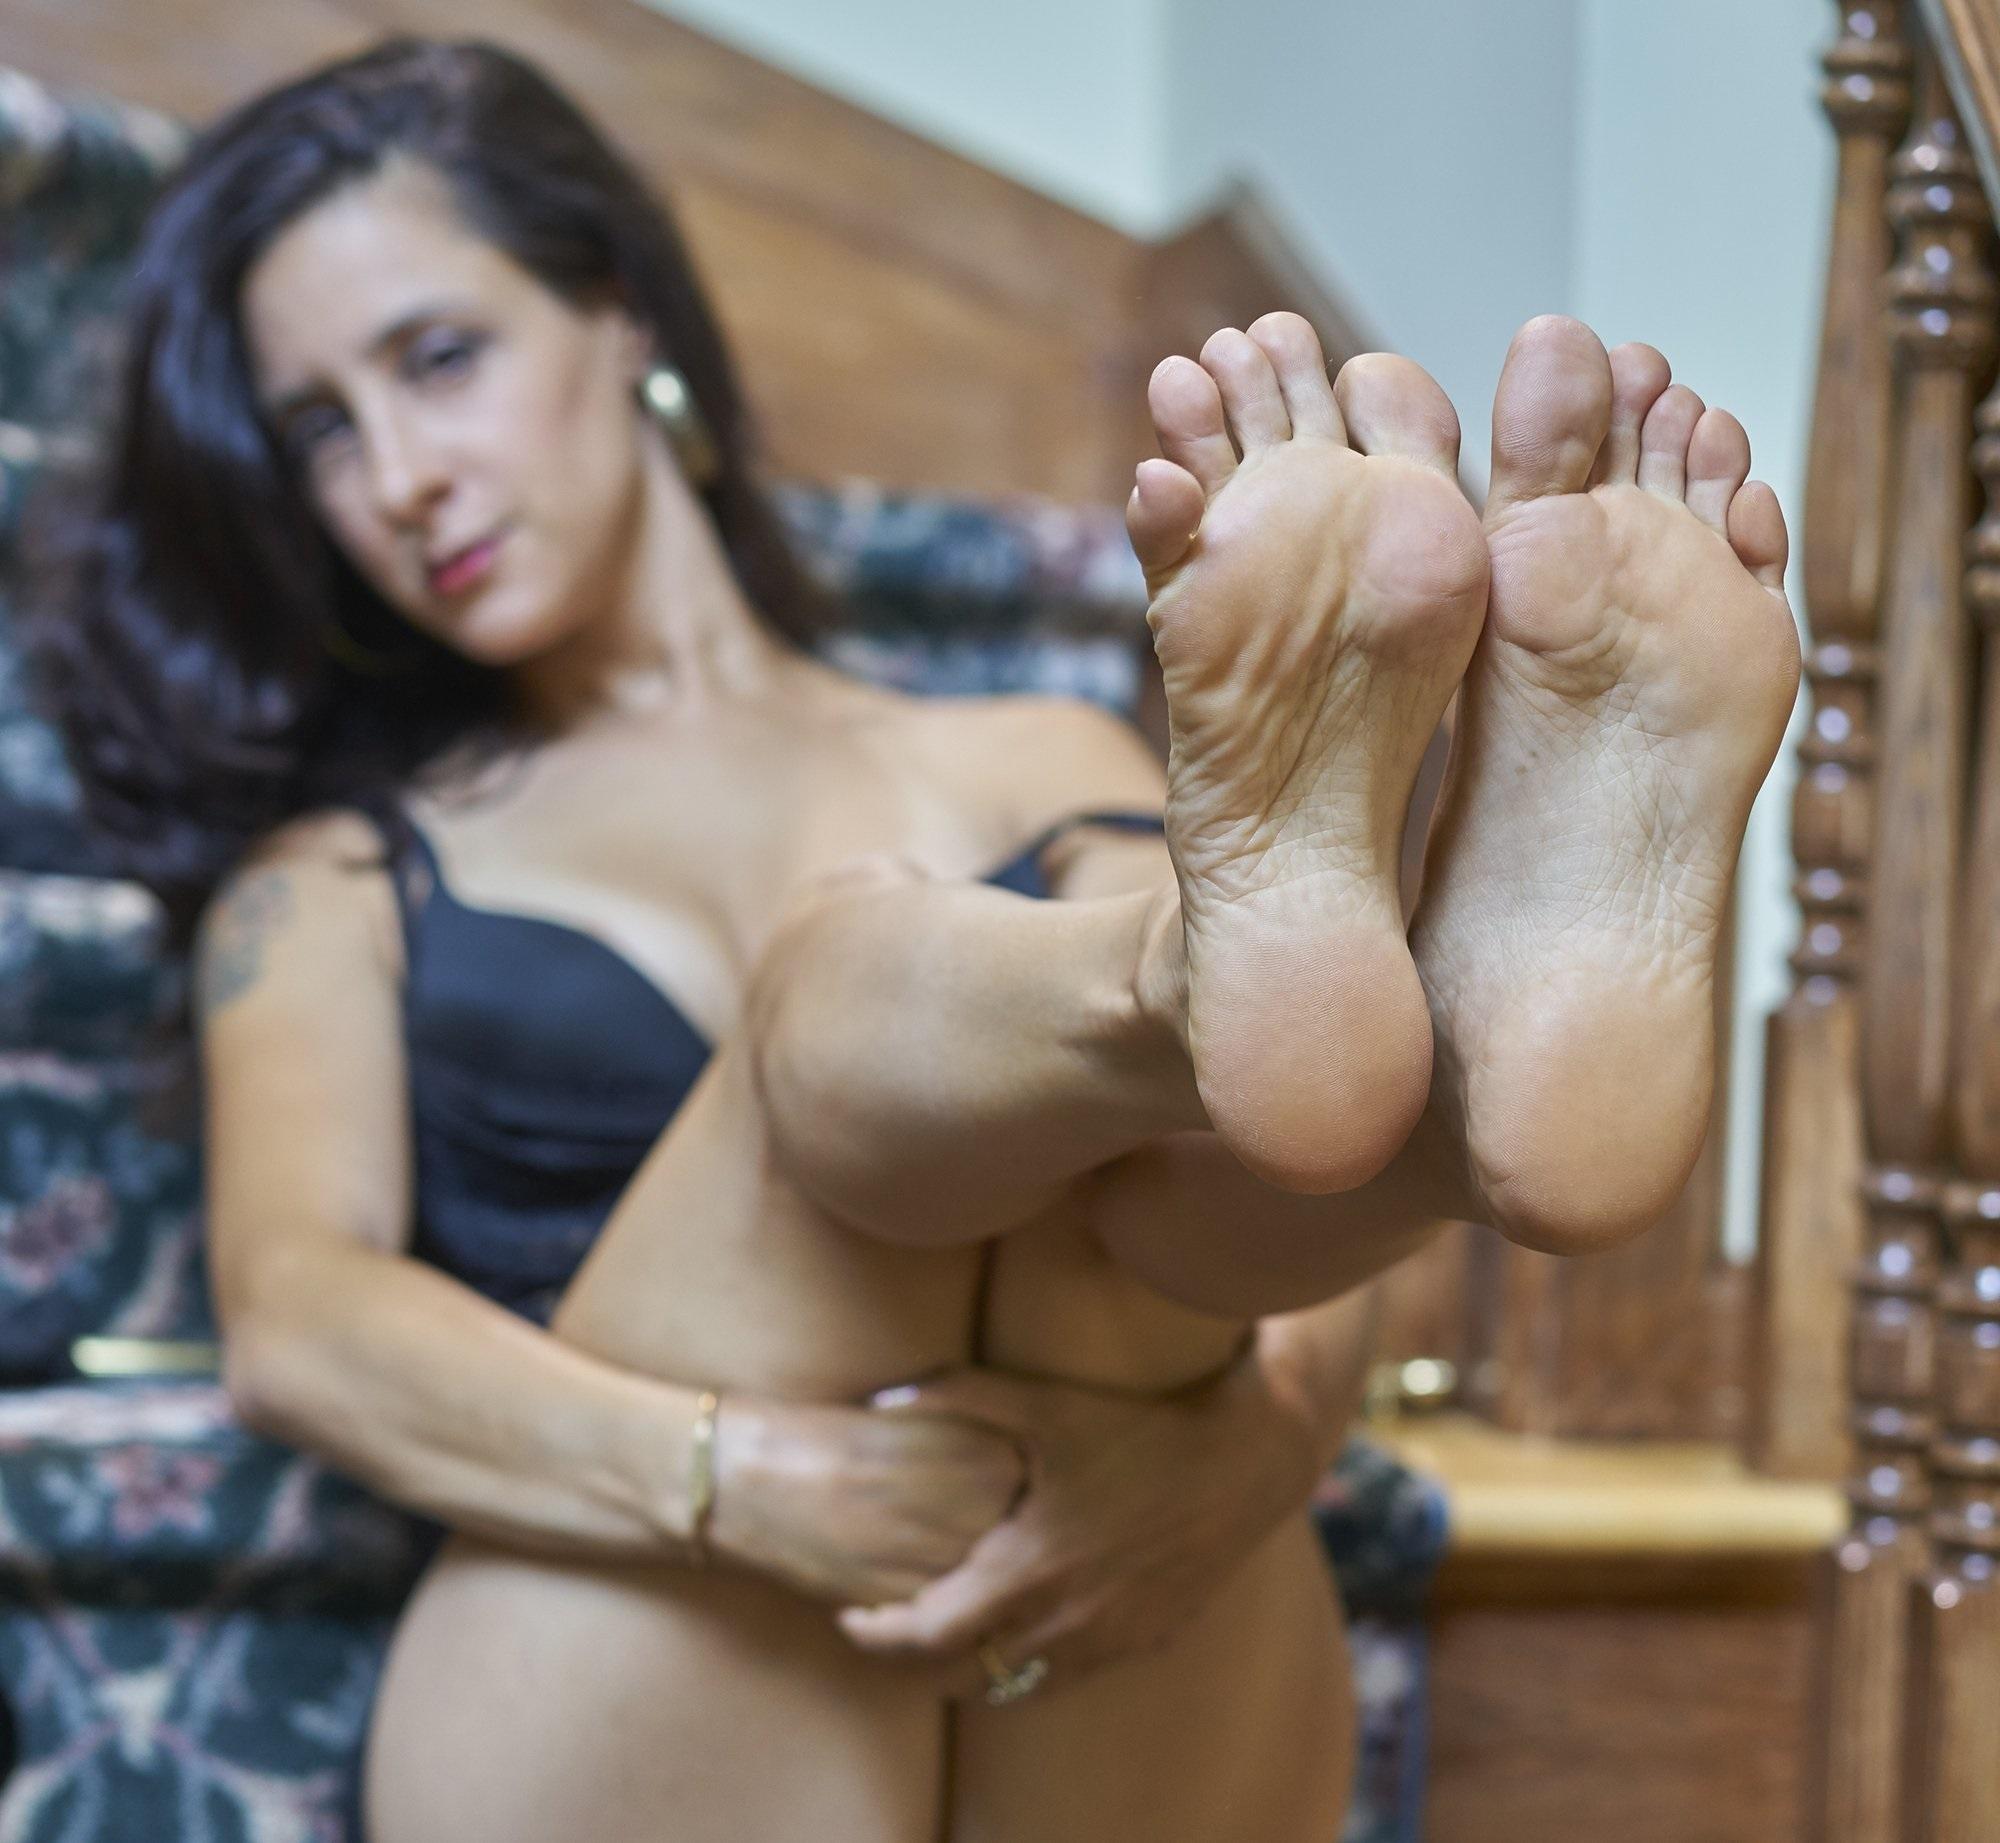 Bratty Foot Girls Worship